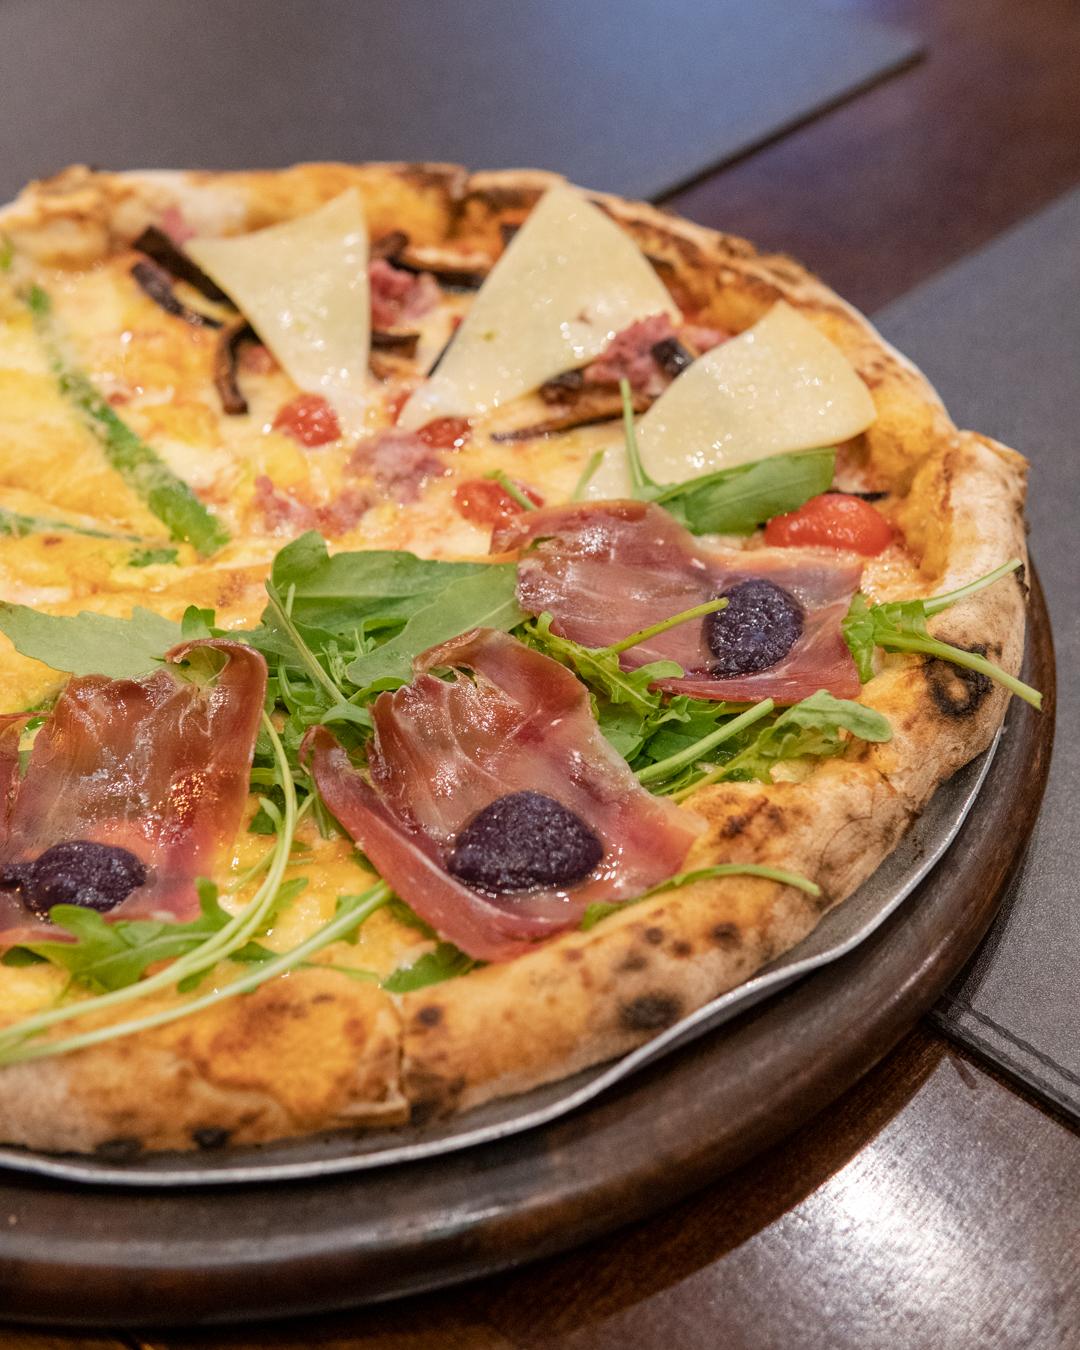 b99d4bc2b2b PIZZARIA NACIONAL - Uma ótima pizzaria em Moema! - Fica